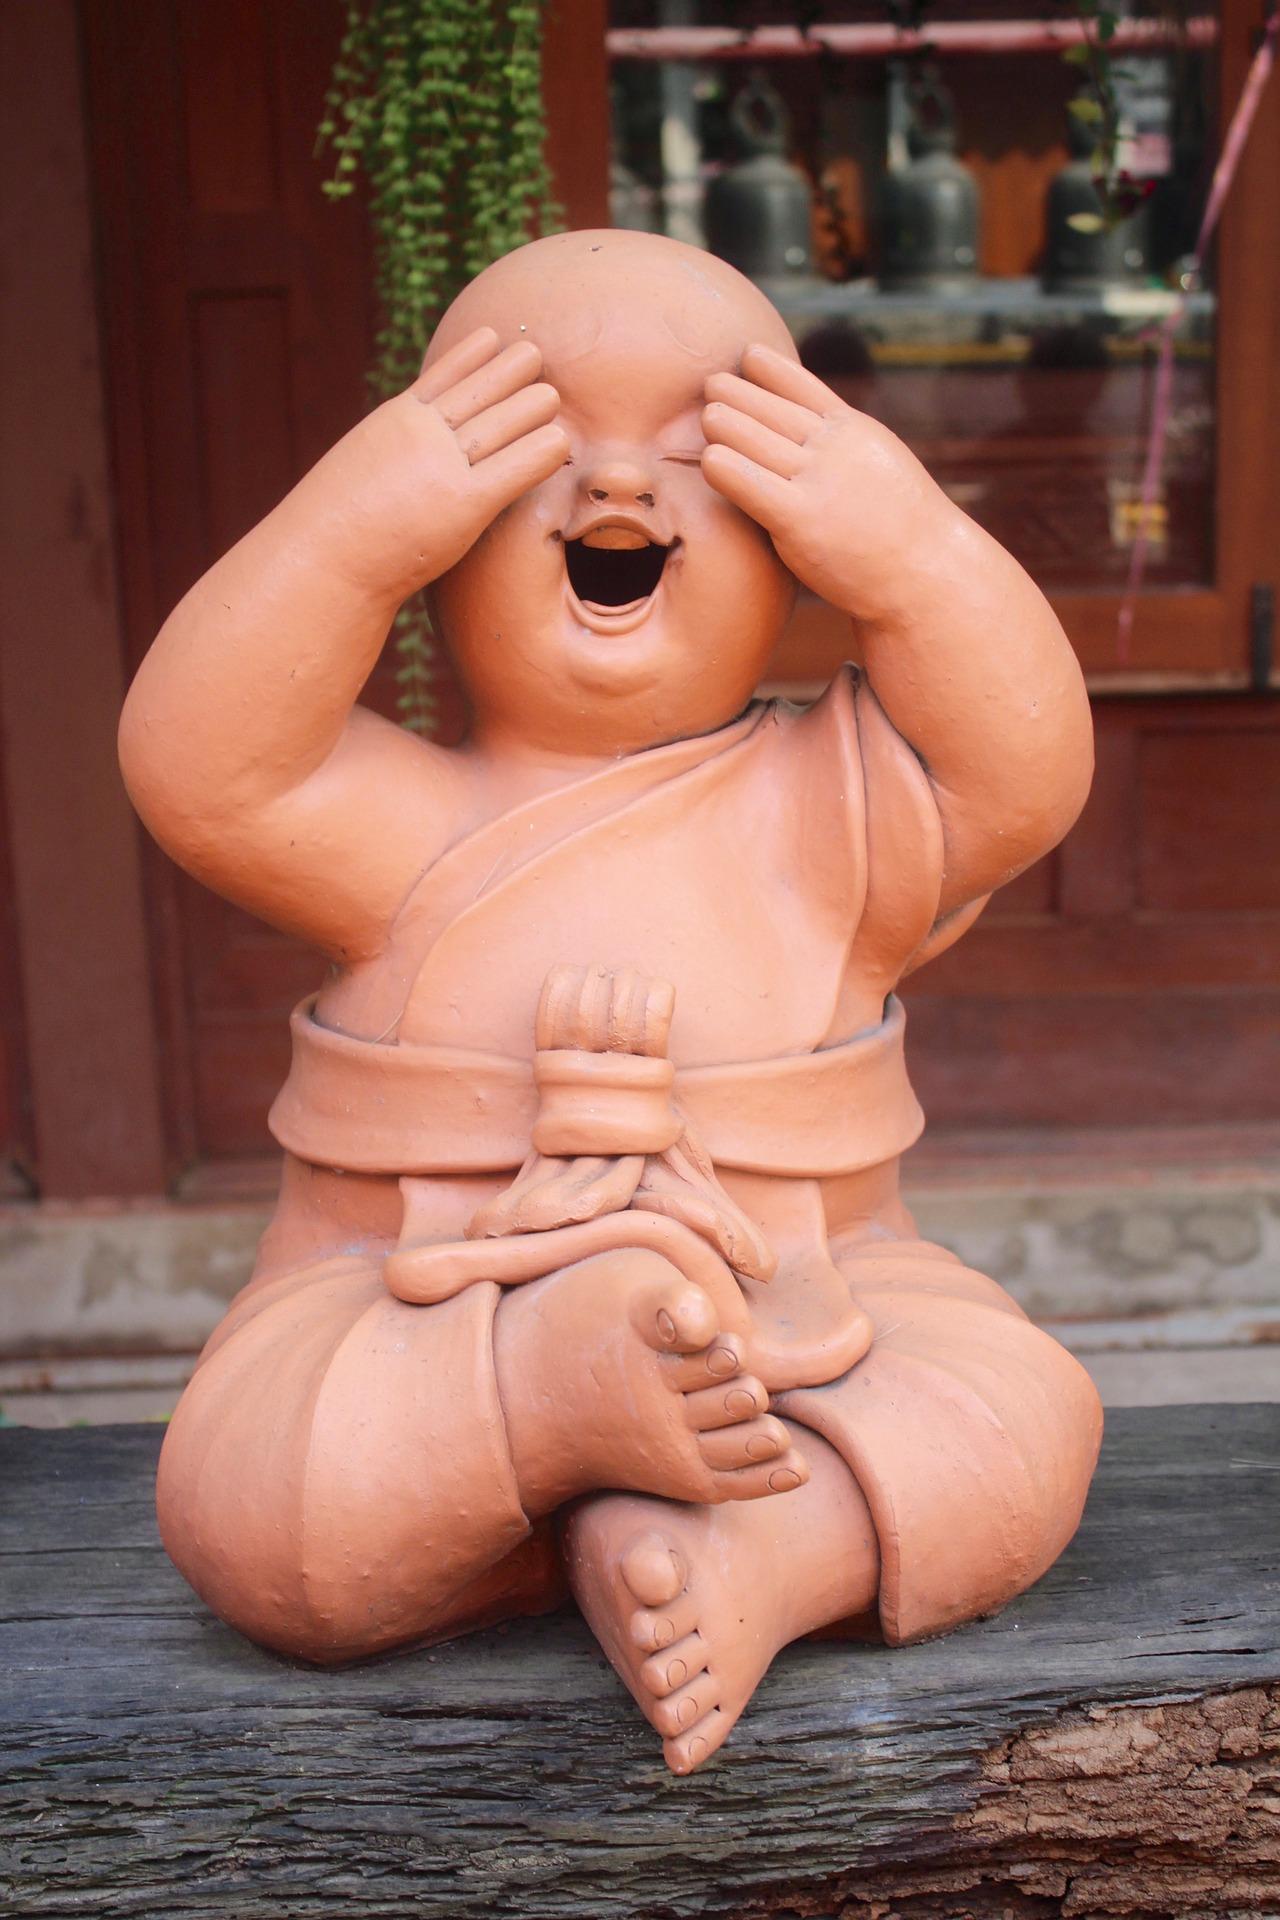 buddha-1128426_1920 Die Selbstherrlichkeit eines Ausschließlichkeitsvermittlers.